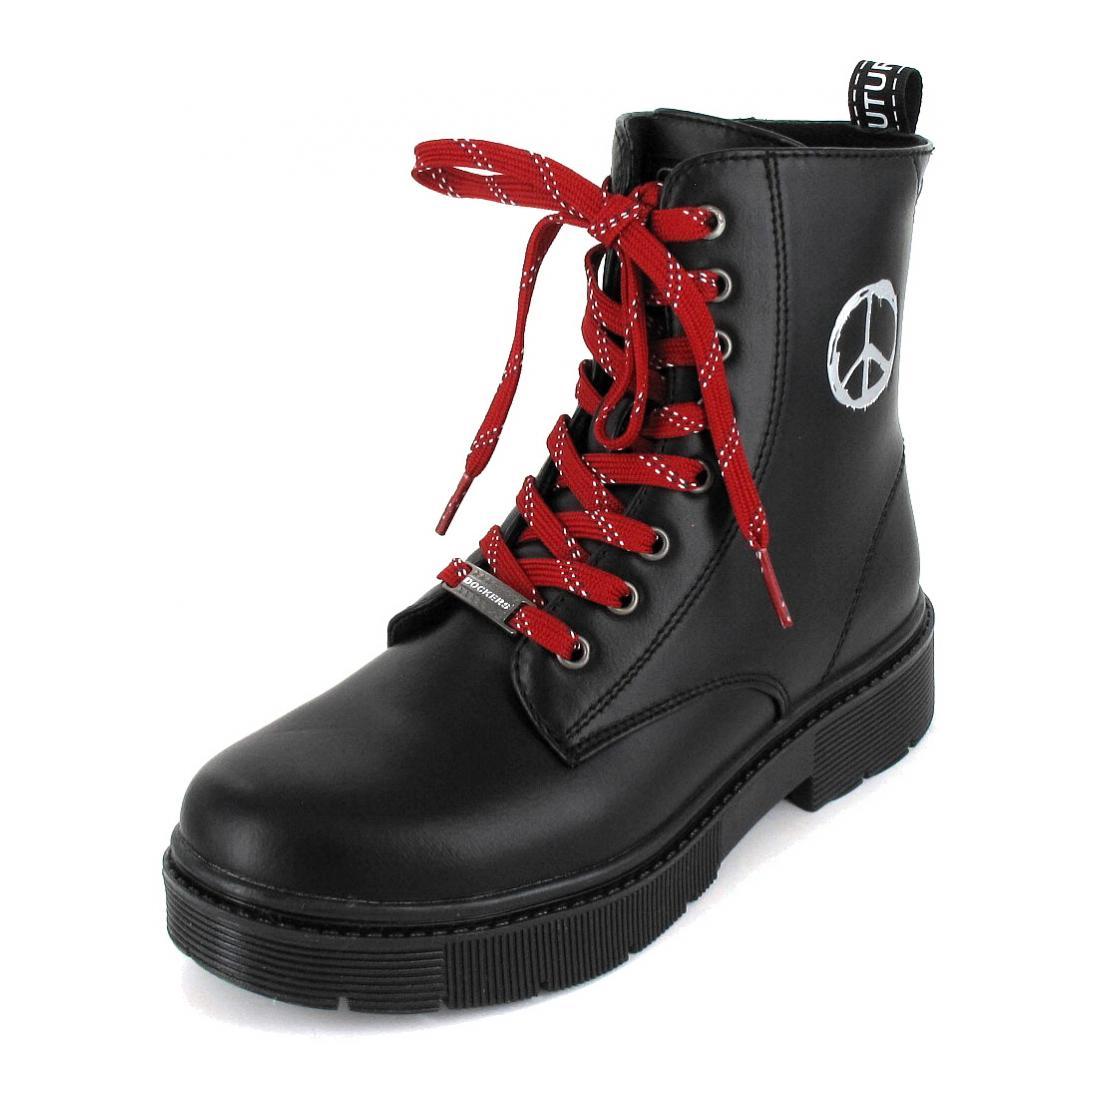 Dockers Boots schwarz